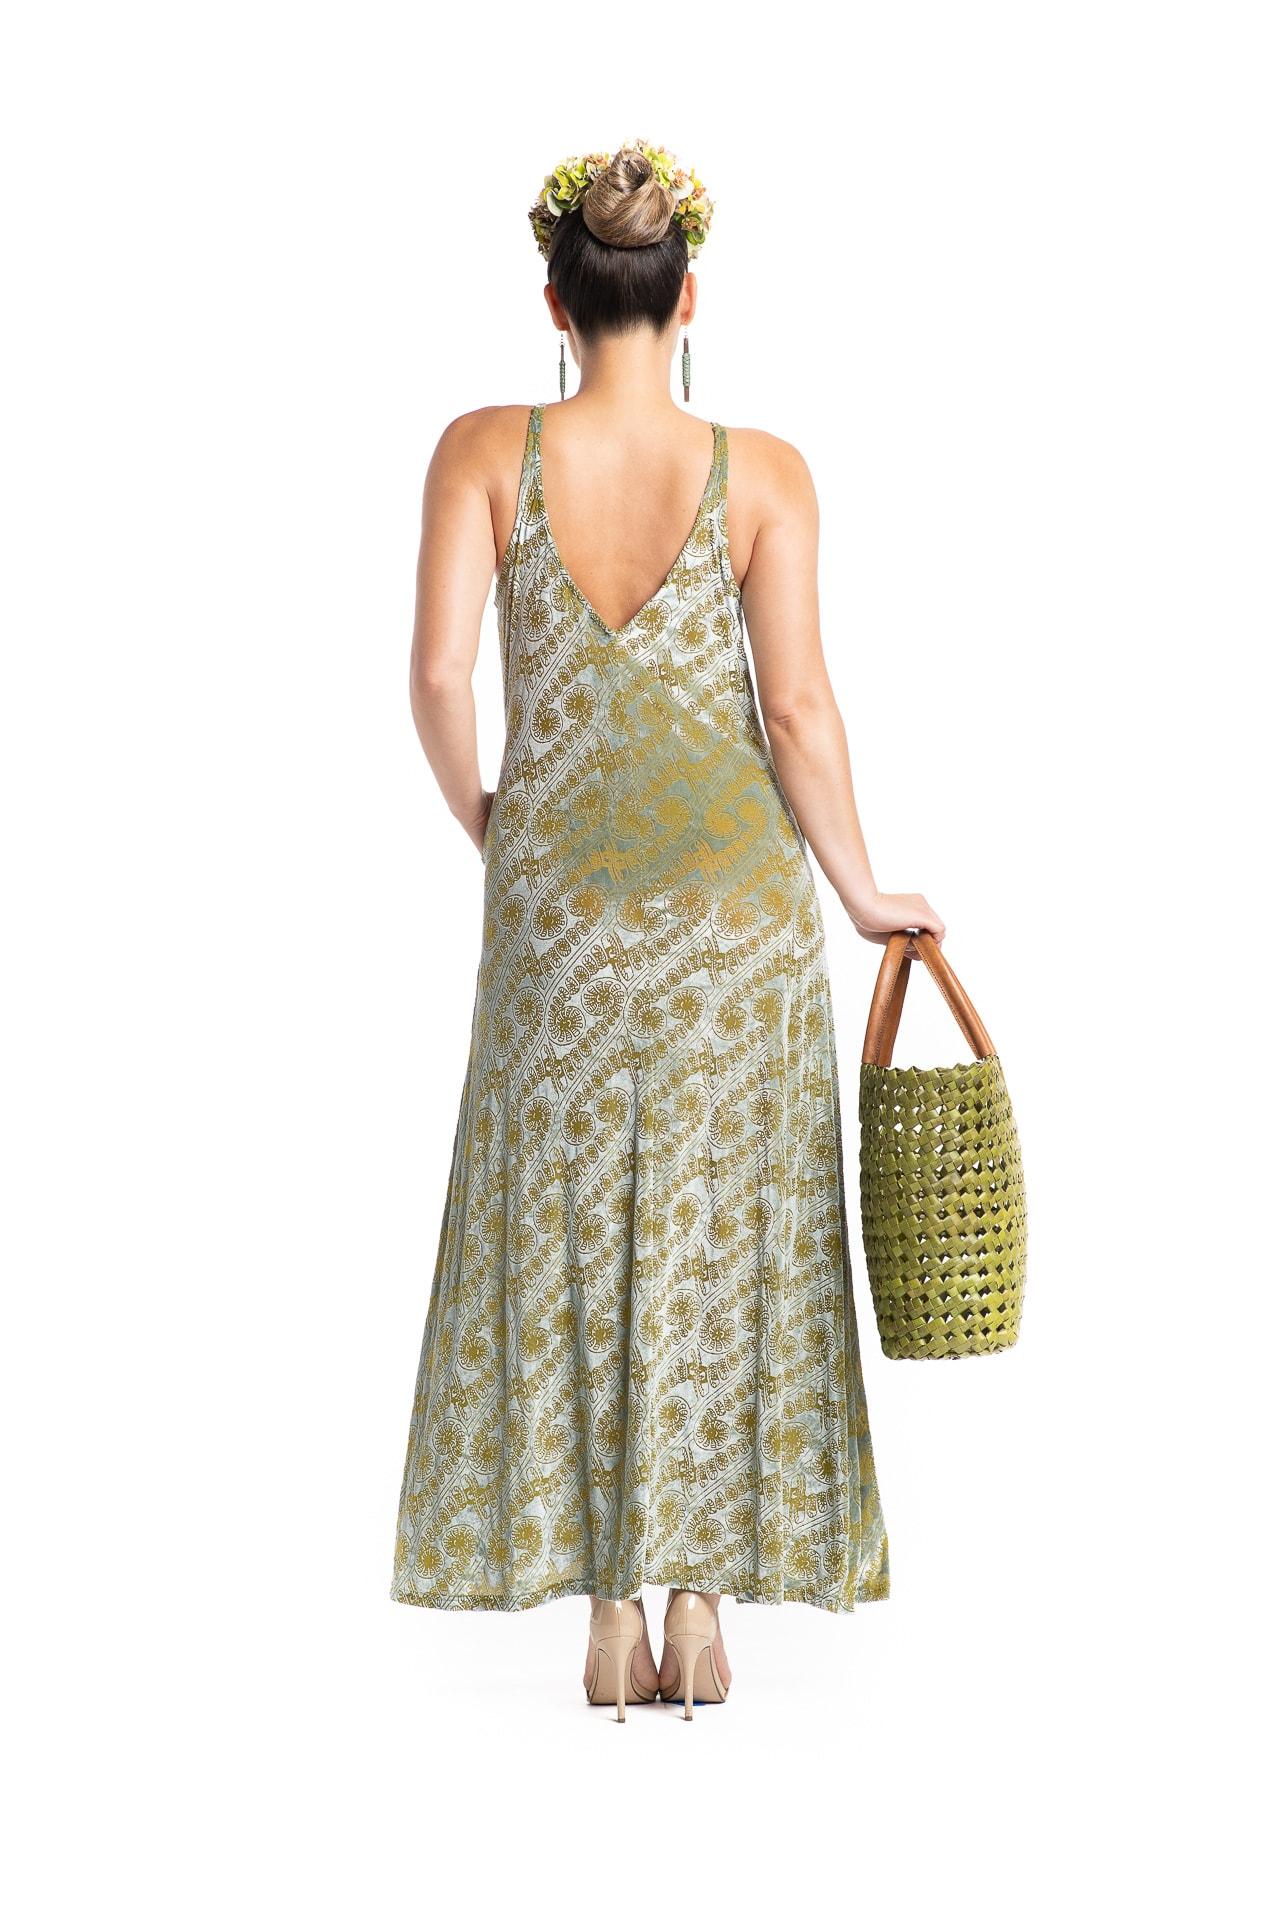 Model wearing Kainaliu Maxi Dress in Amau Sage Green - Back View